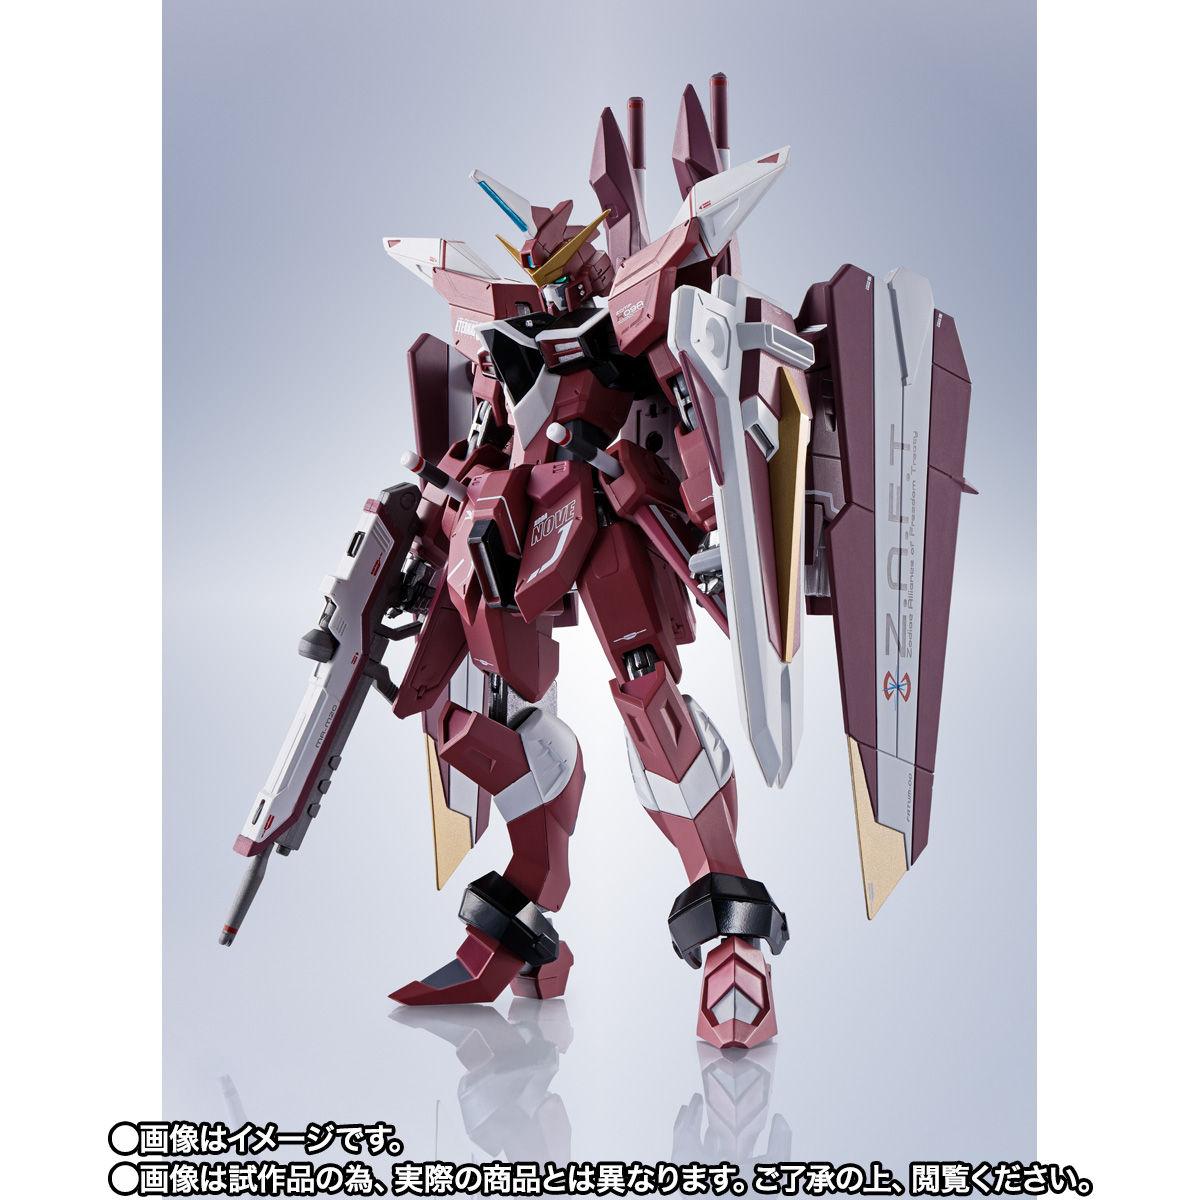 【限定販売】METAL ROBOT魂〈SIDE MS〉『ジャスティスガンダム』ガンダムSEED 可動フィギュア-002